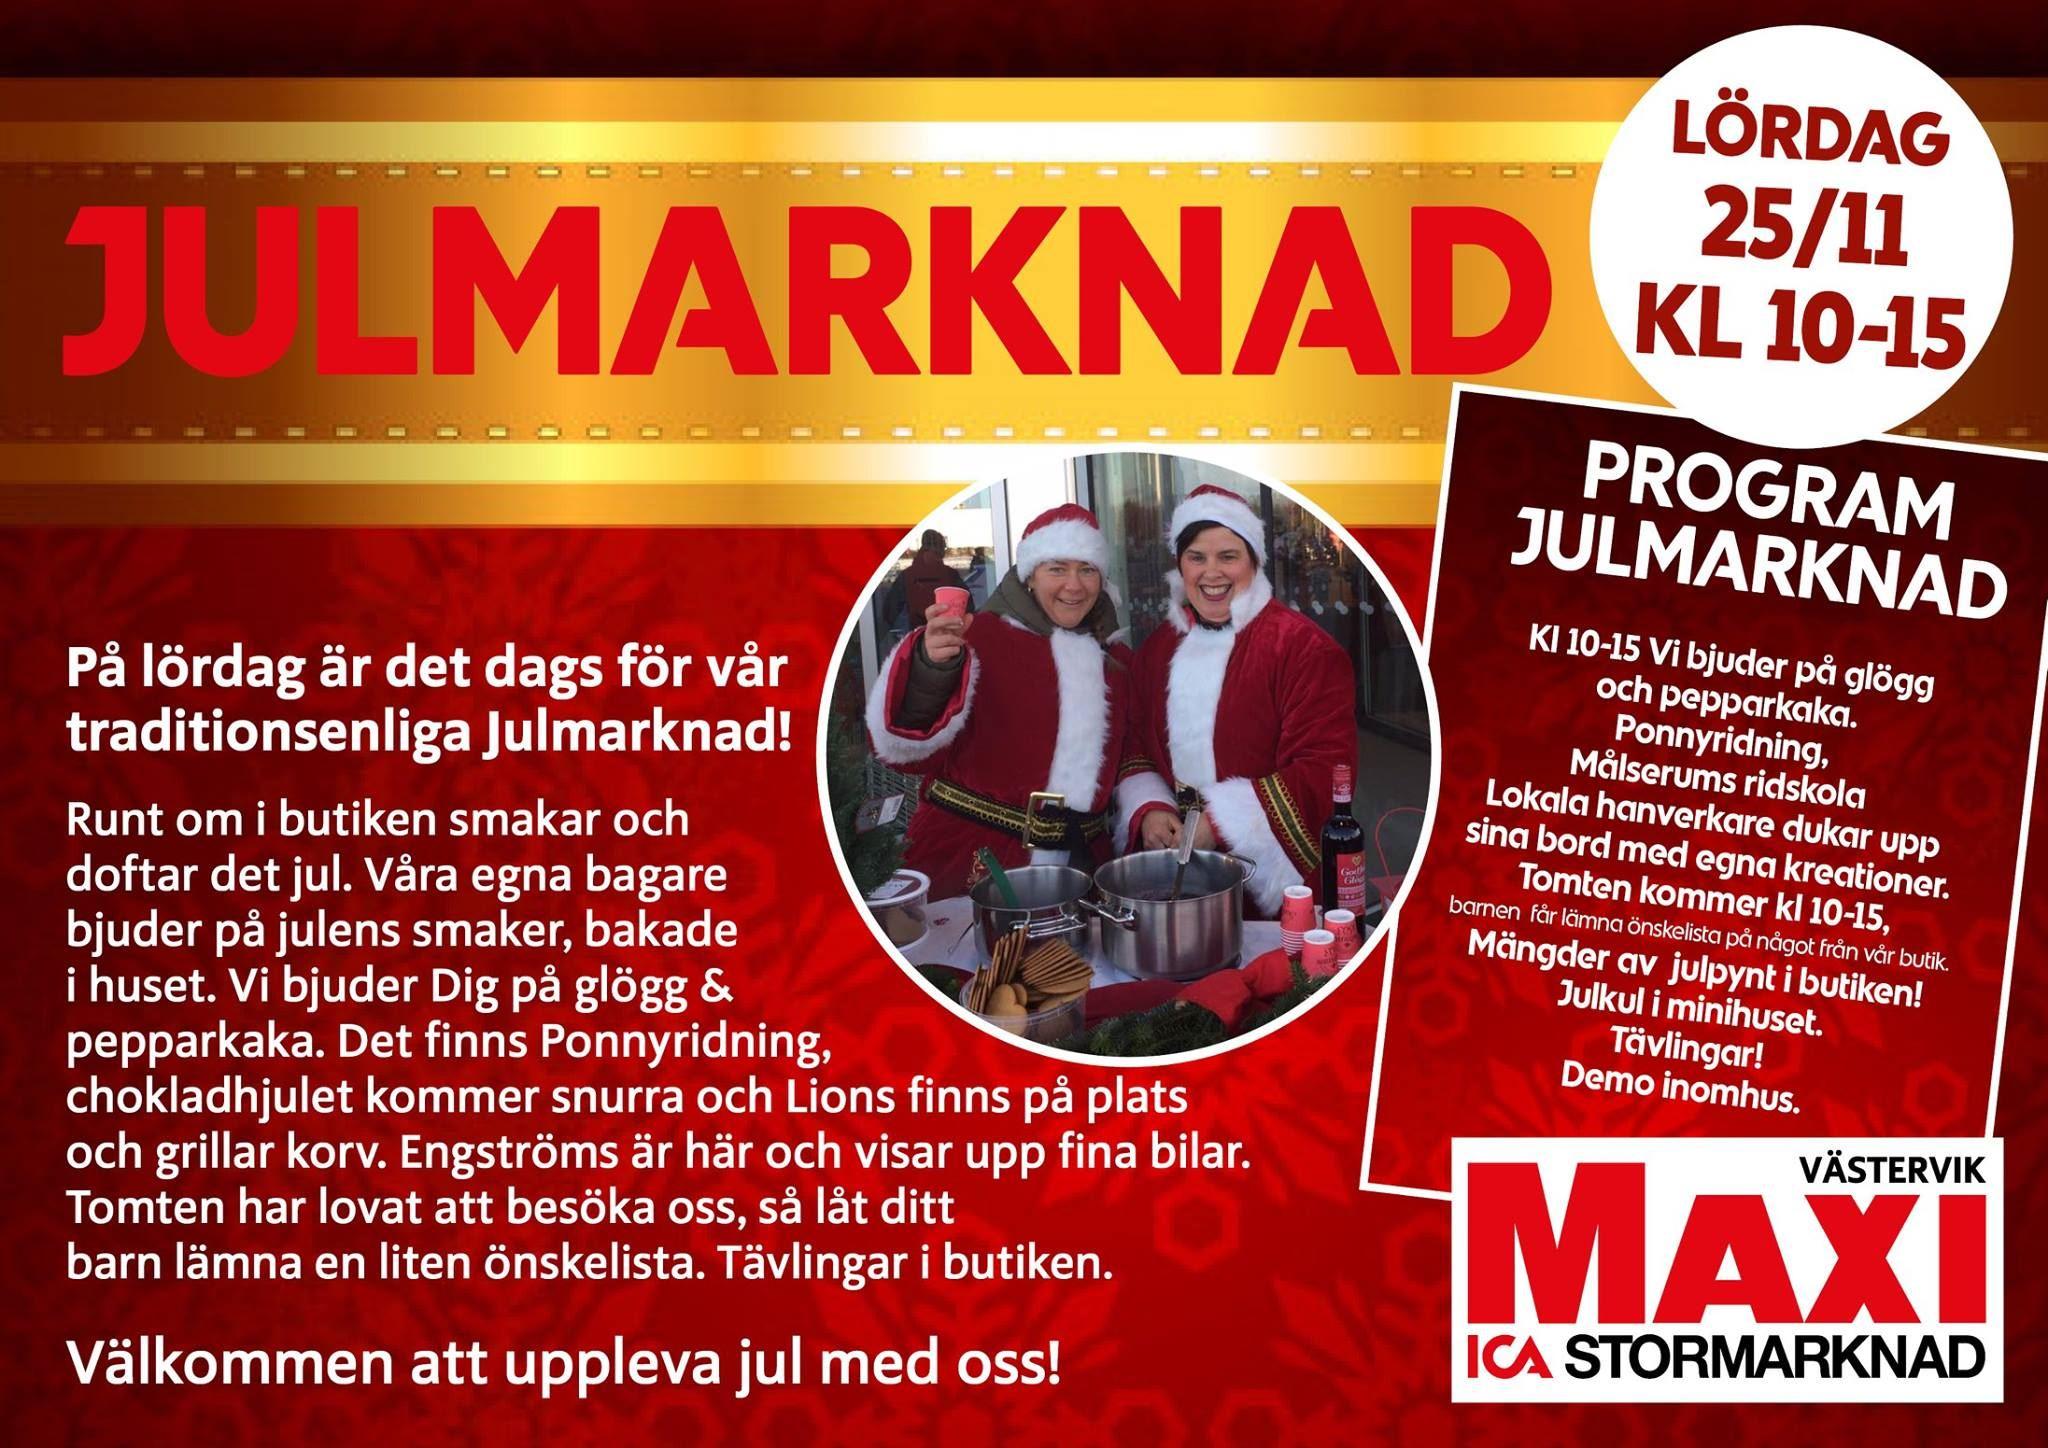 Julmarknad på ICA Maxi Västervik